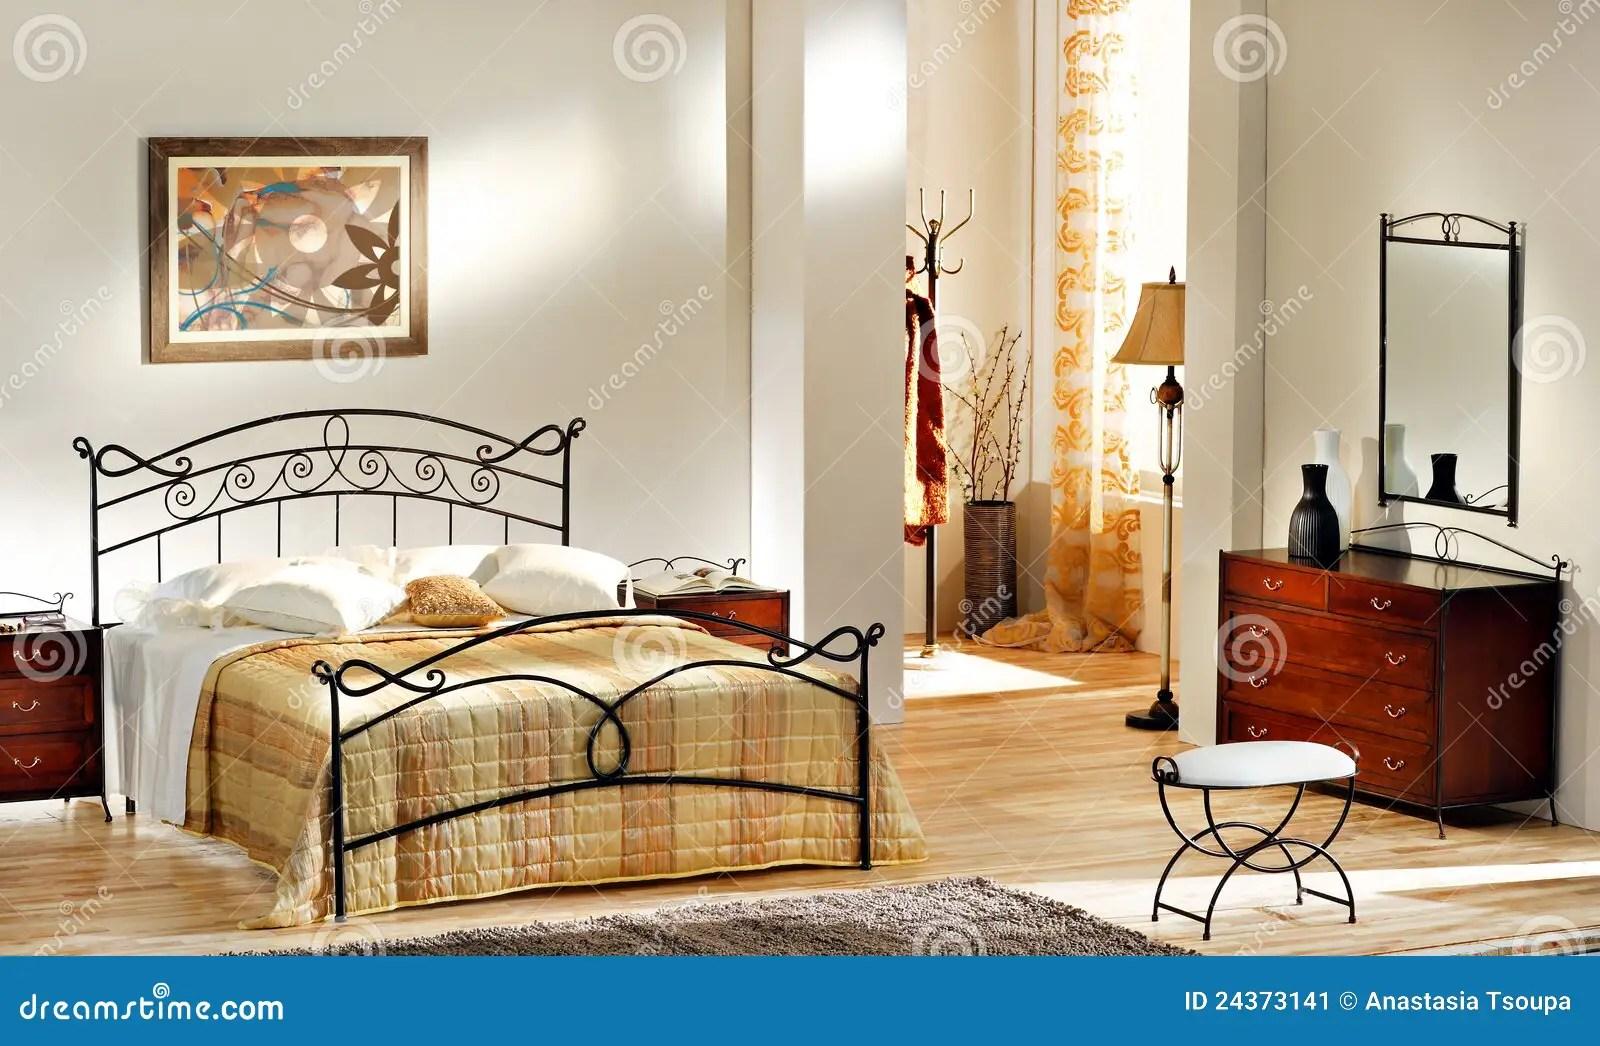 Ci sono molti modi per decorare la propria casa al mare, ma ovviamente il tema dominante è spesso proprio il mare; Bedroom Classical Painting Photos Free Royalty Free Stock Photos From Dreamstime